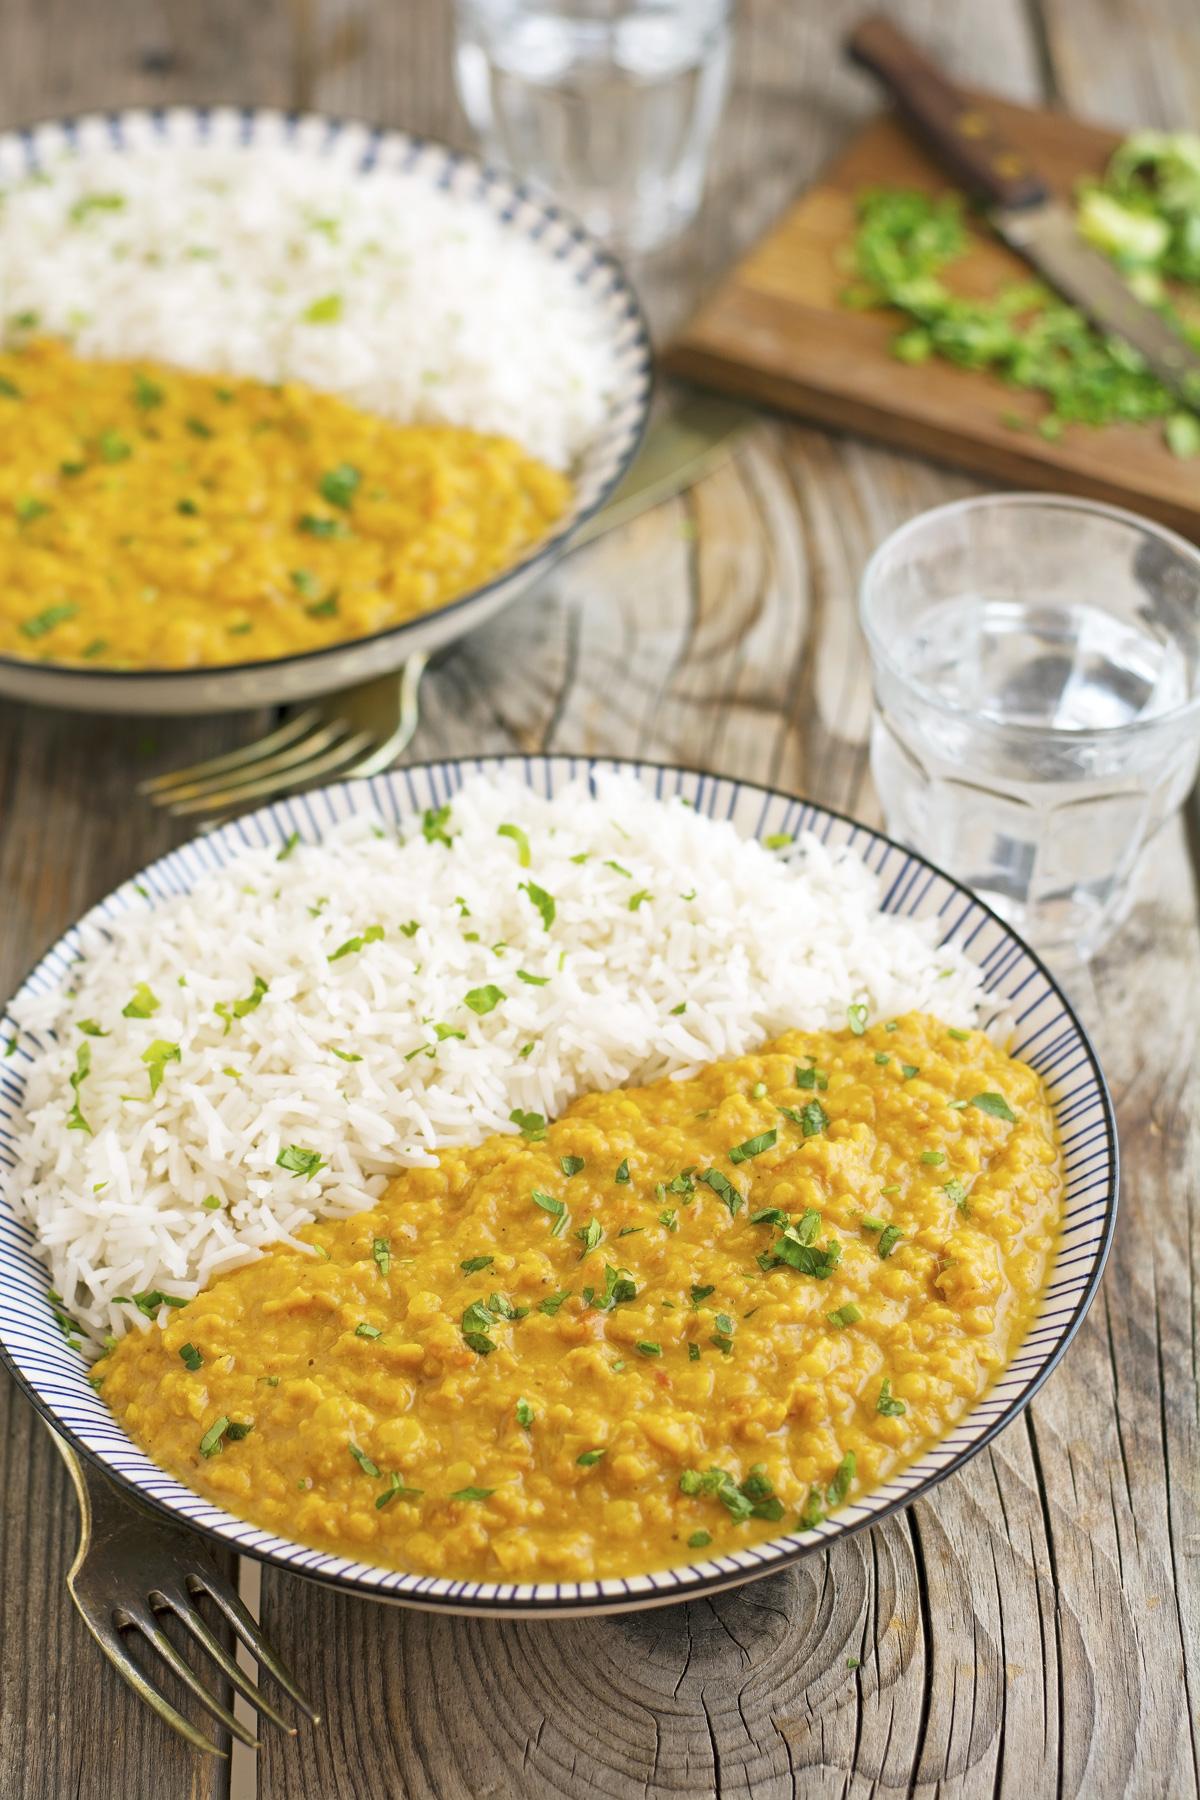 (Vegan) Crock-Pot Curried Red Lentils